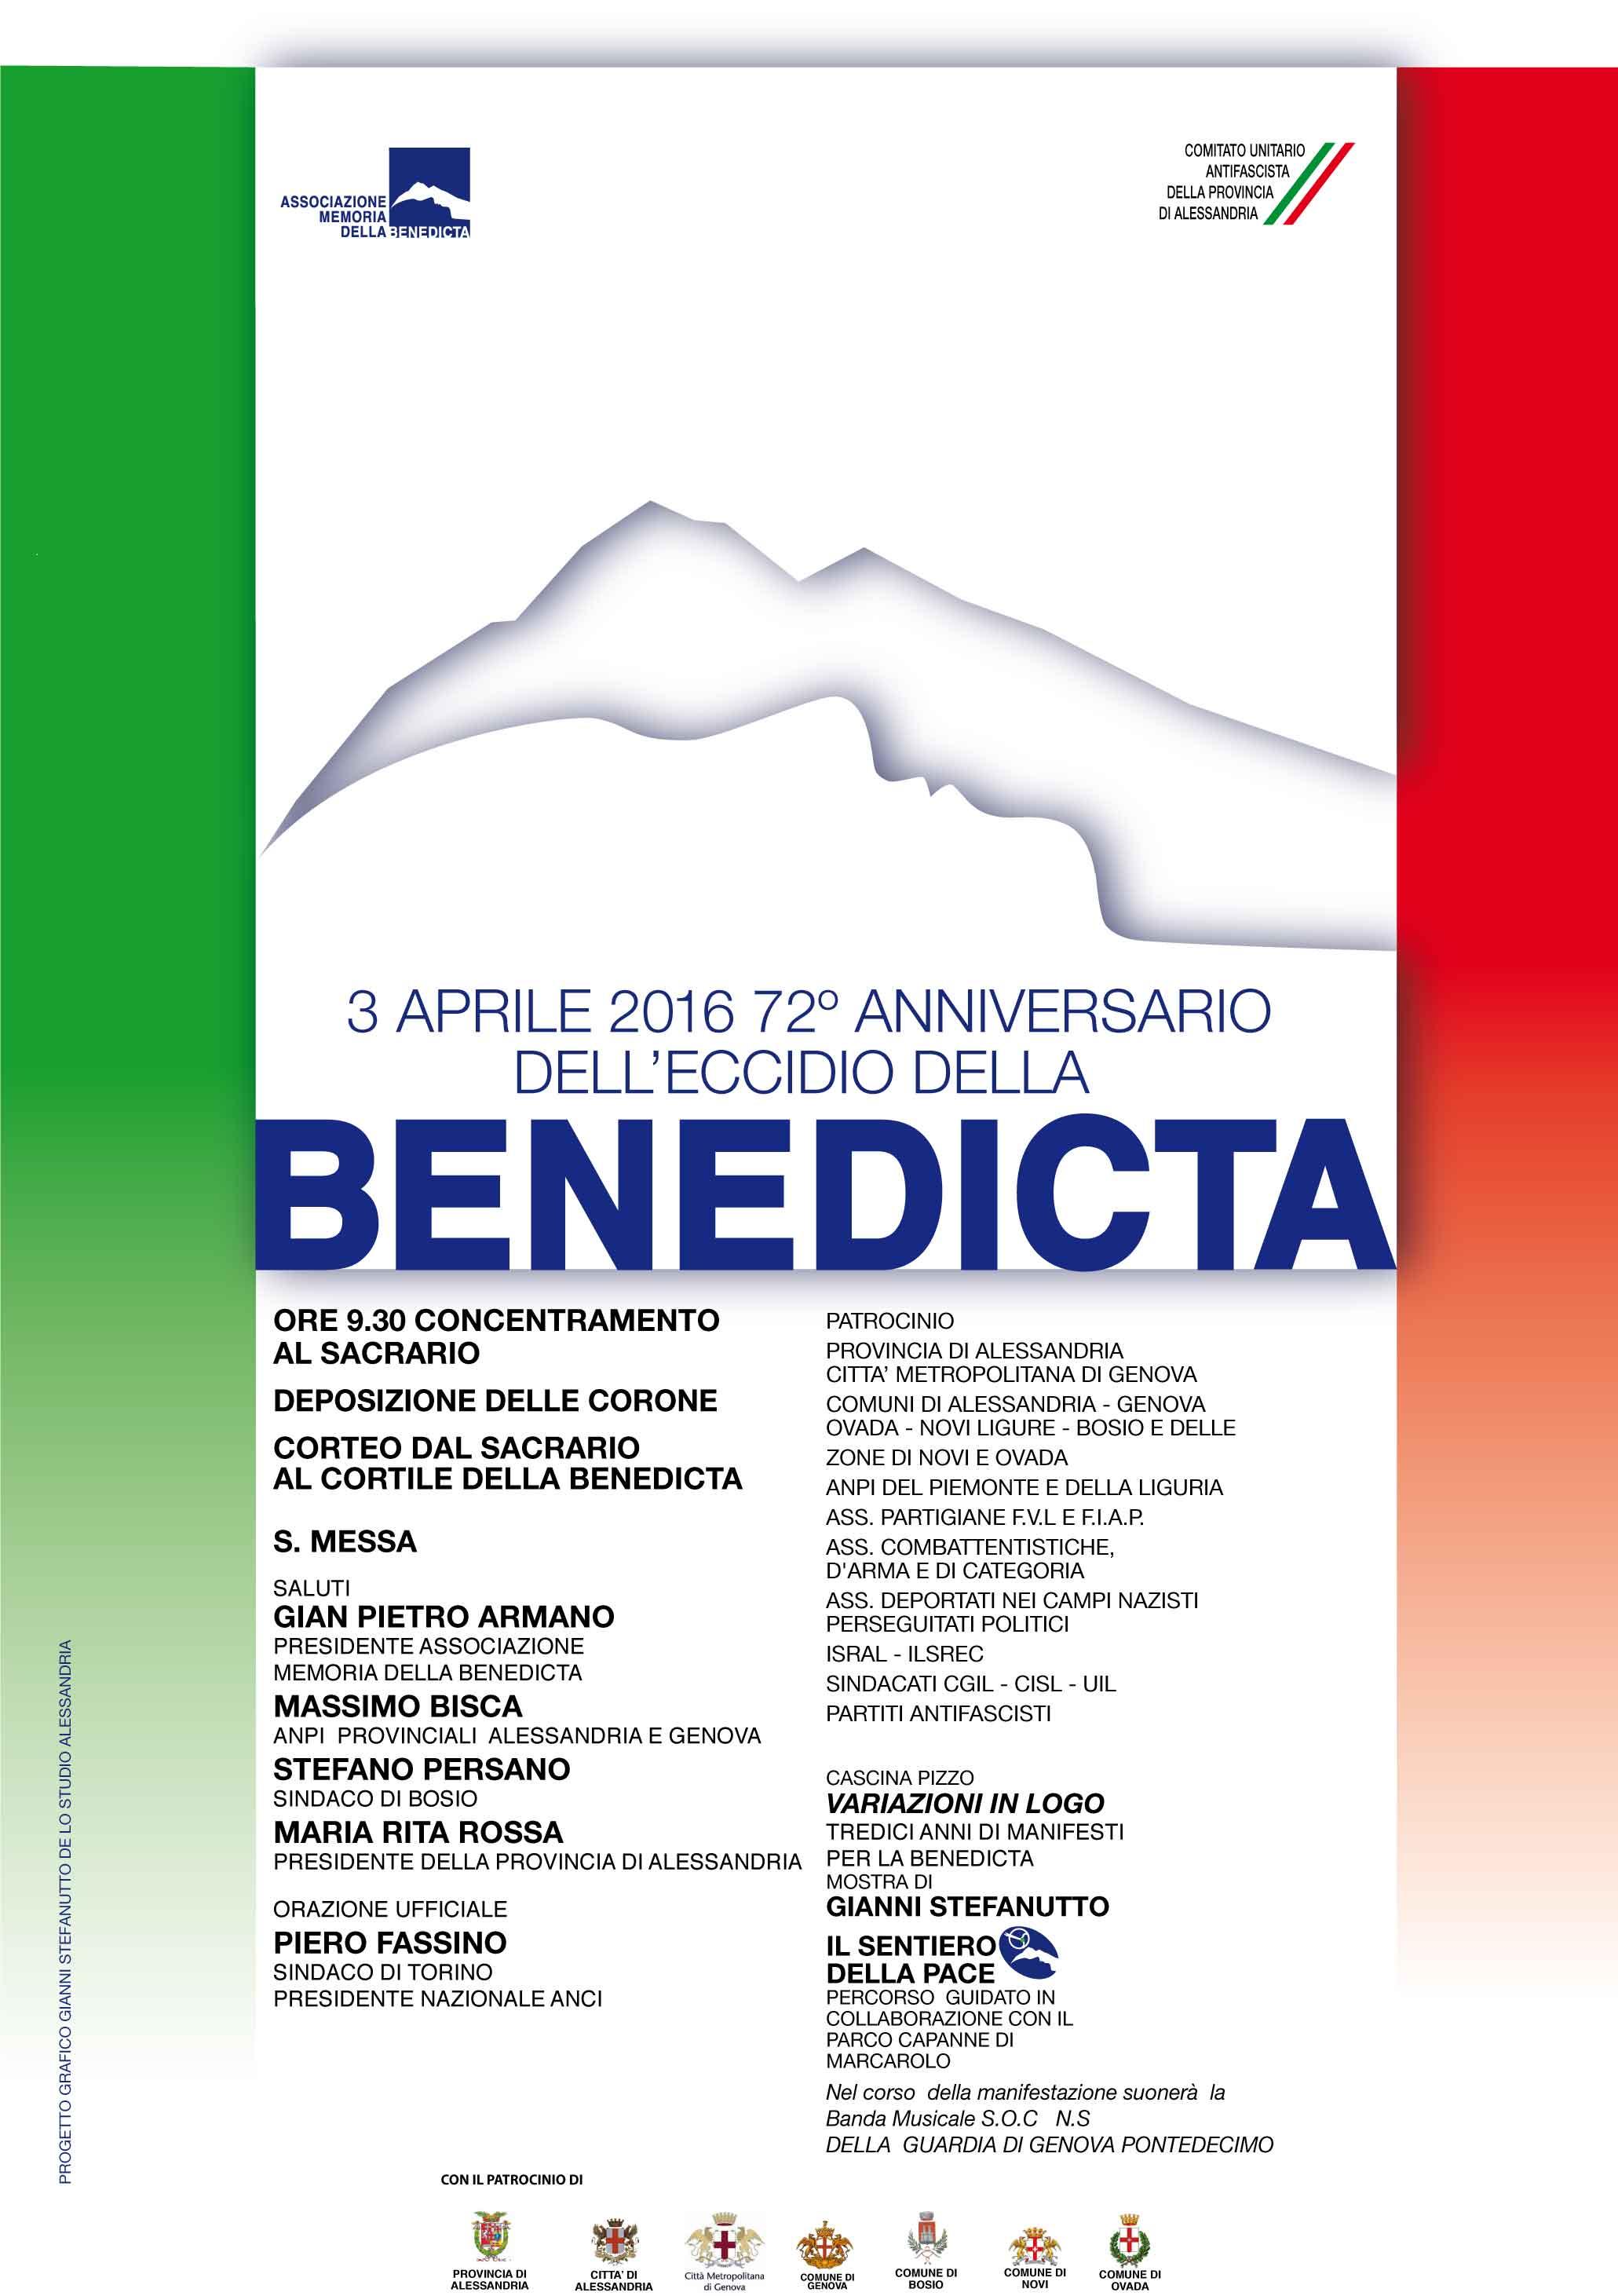 domenica 3 aprile: 72° anniversario dell'eccidio della Benedicta